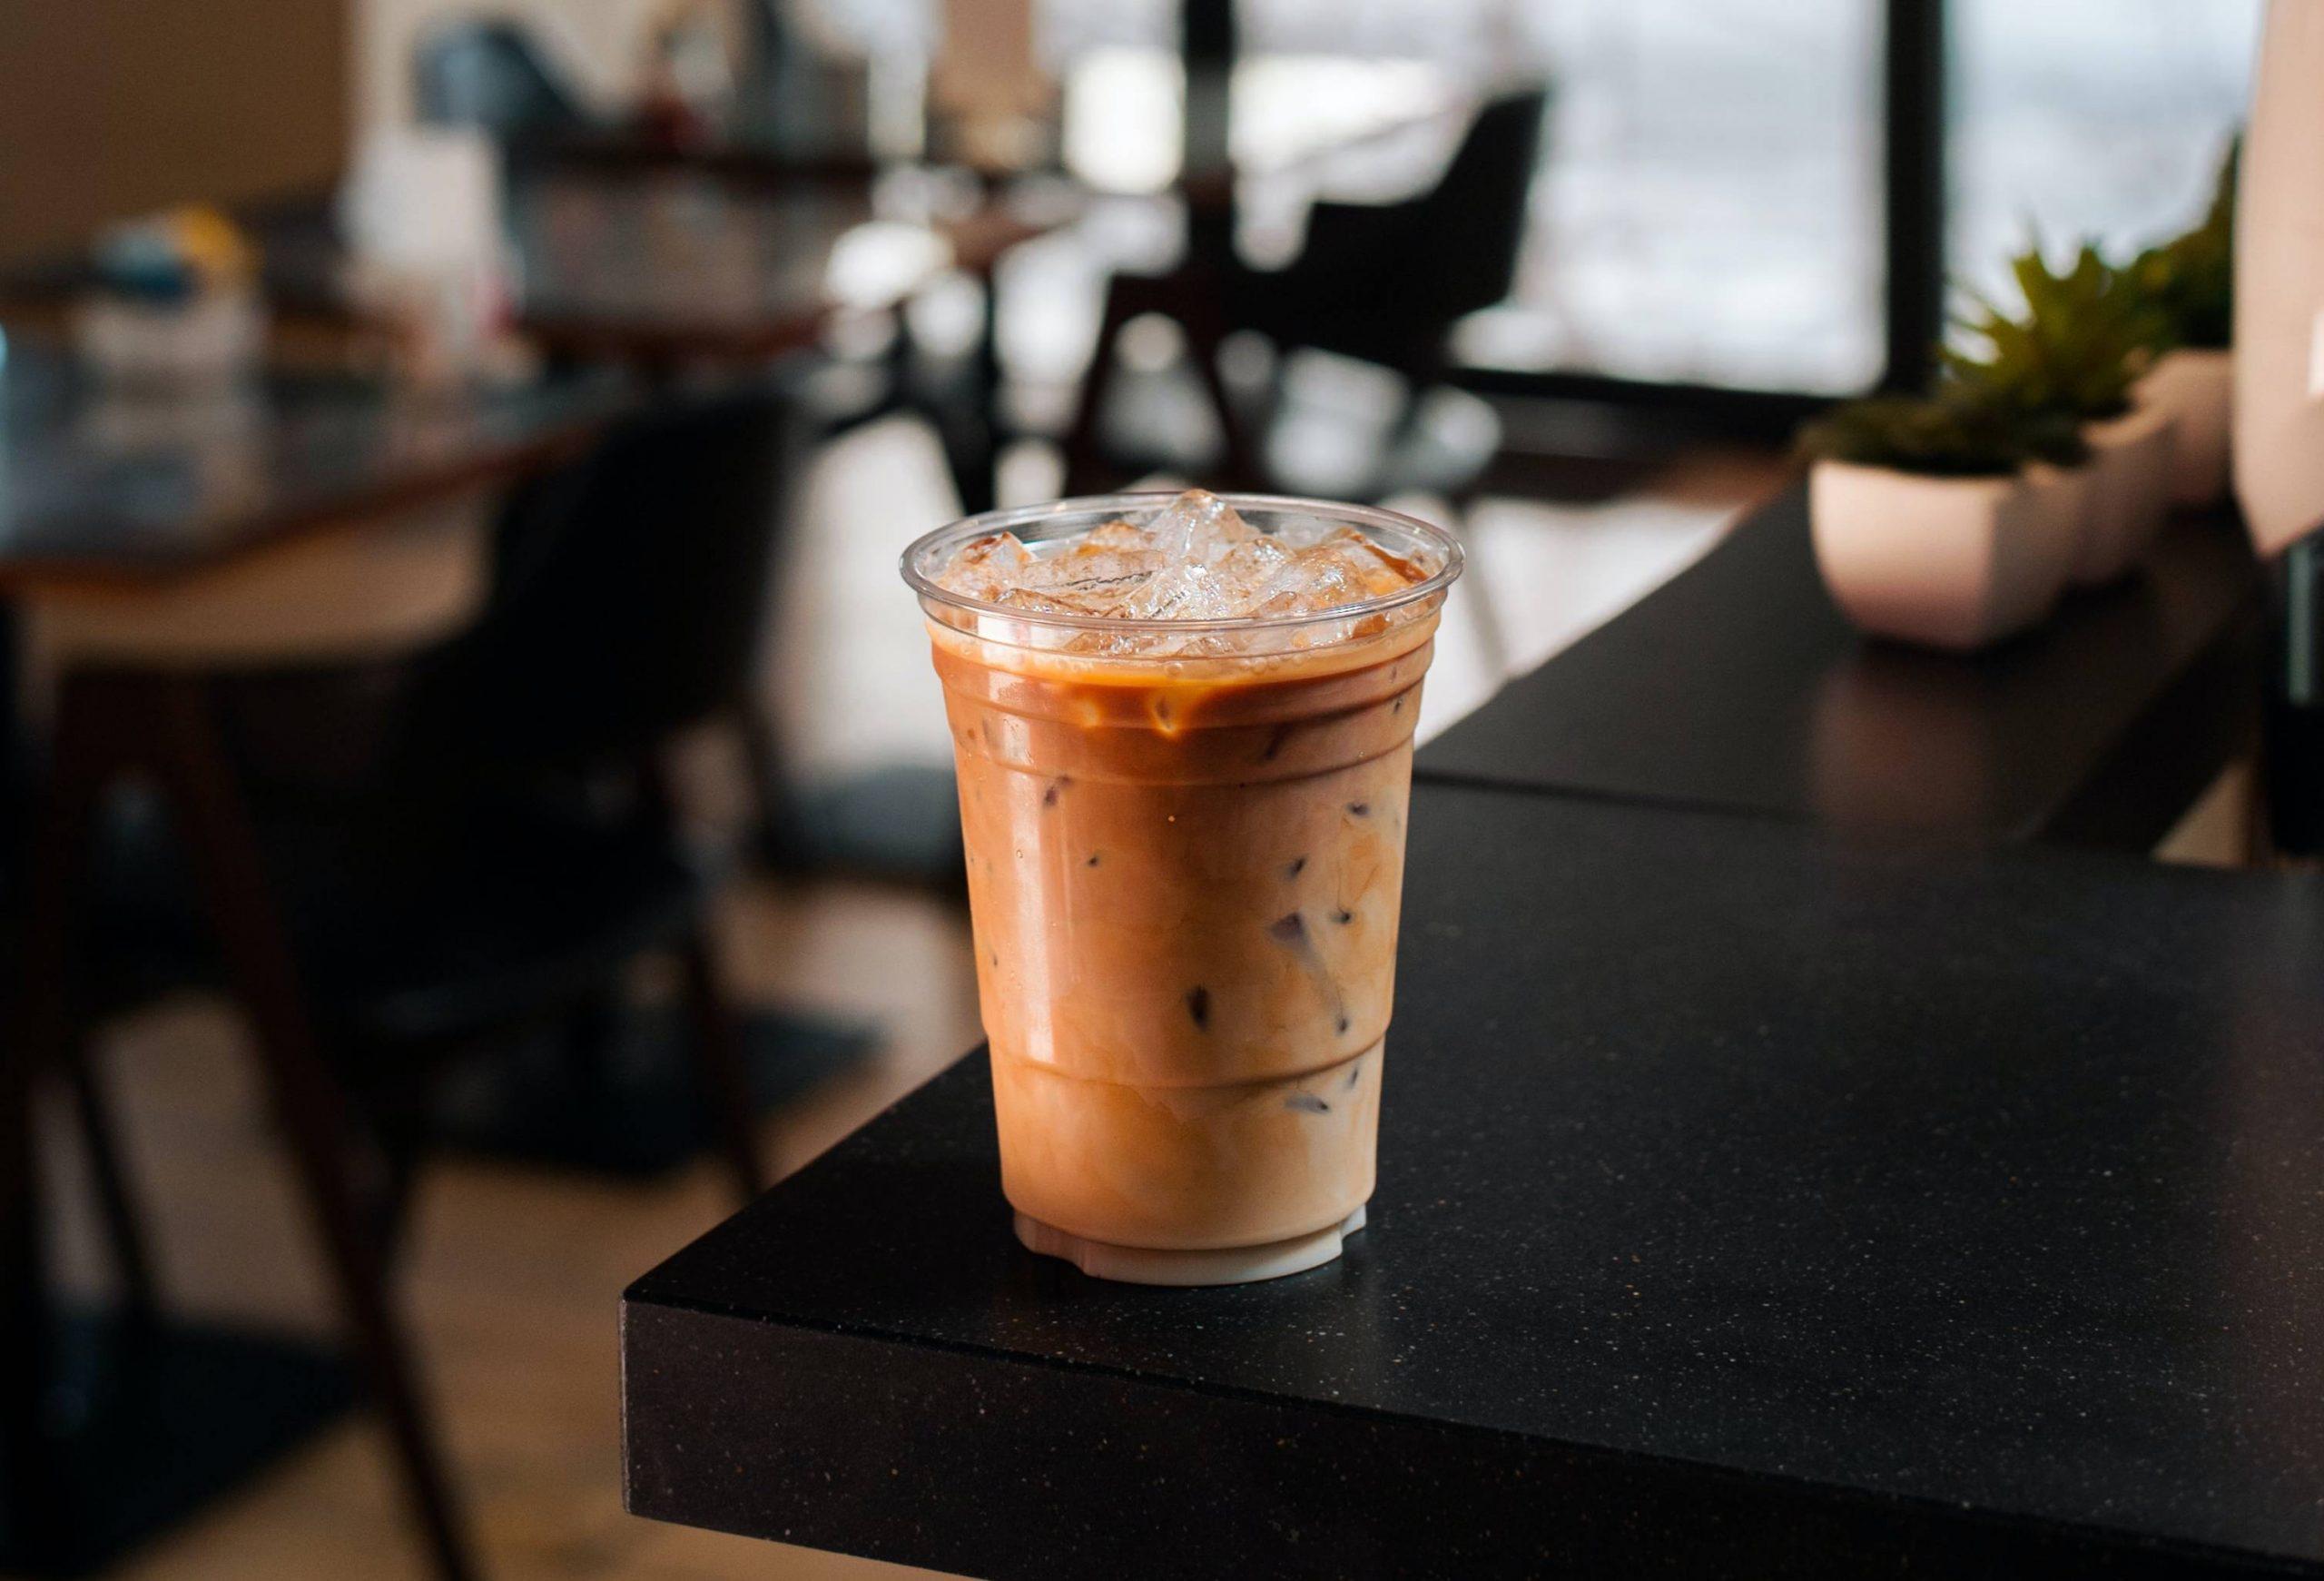 Βγαίνουμε για καφέ στο Παγκράτι: Τα καλύτερα spot